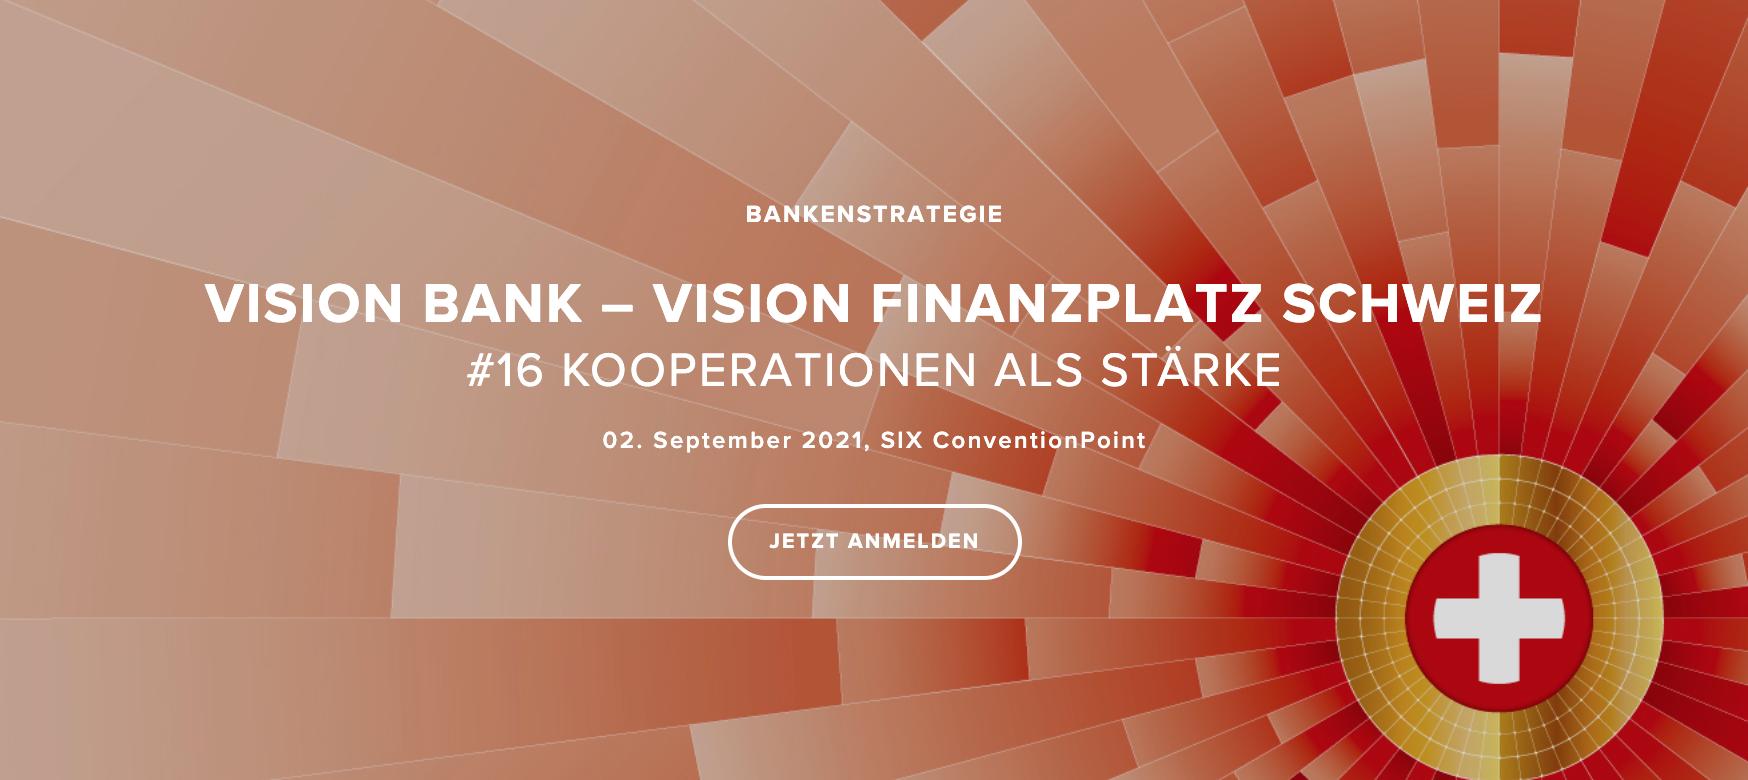 VISION BANK – VISION FINANZPLATZ SCHWEIZ